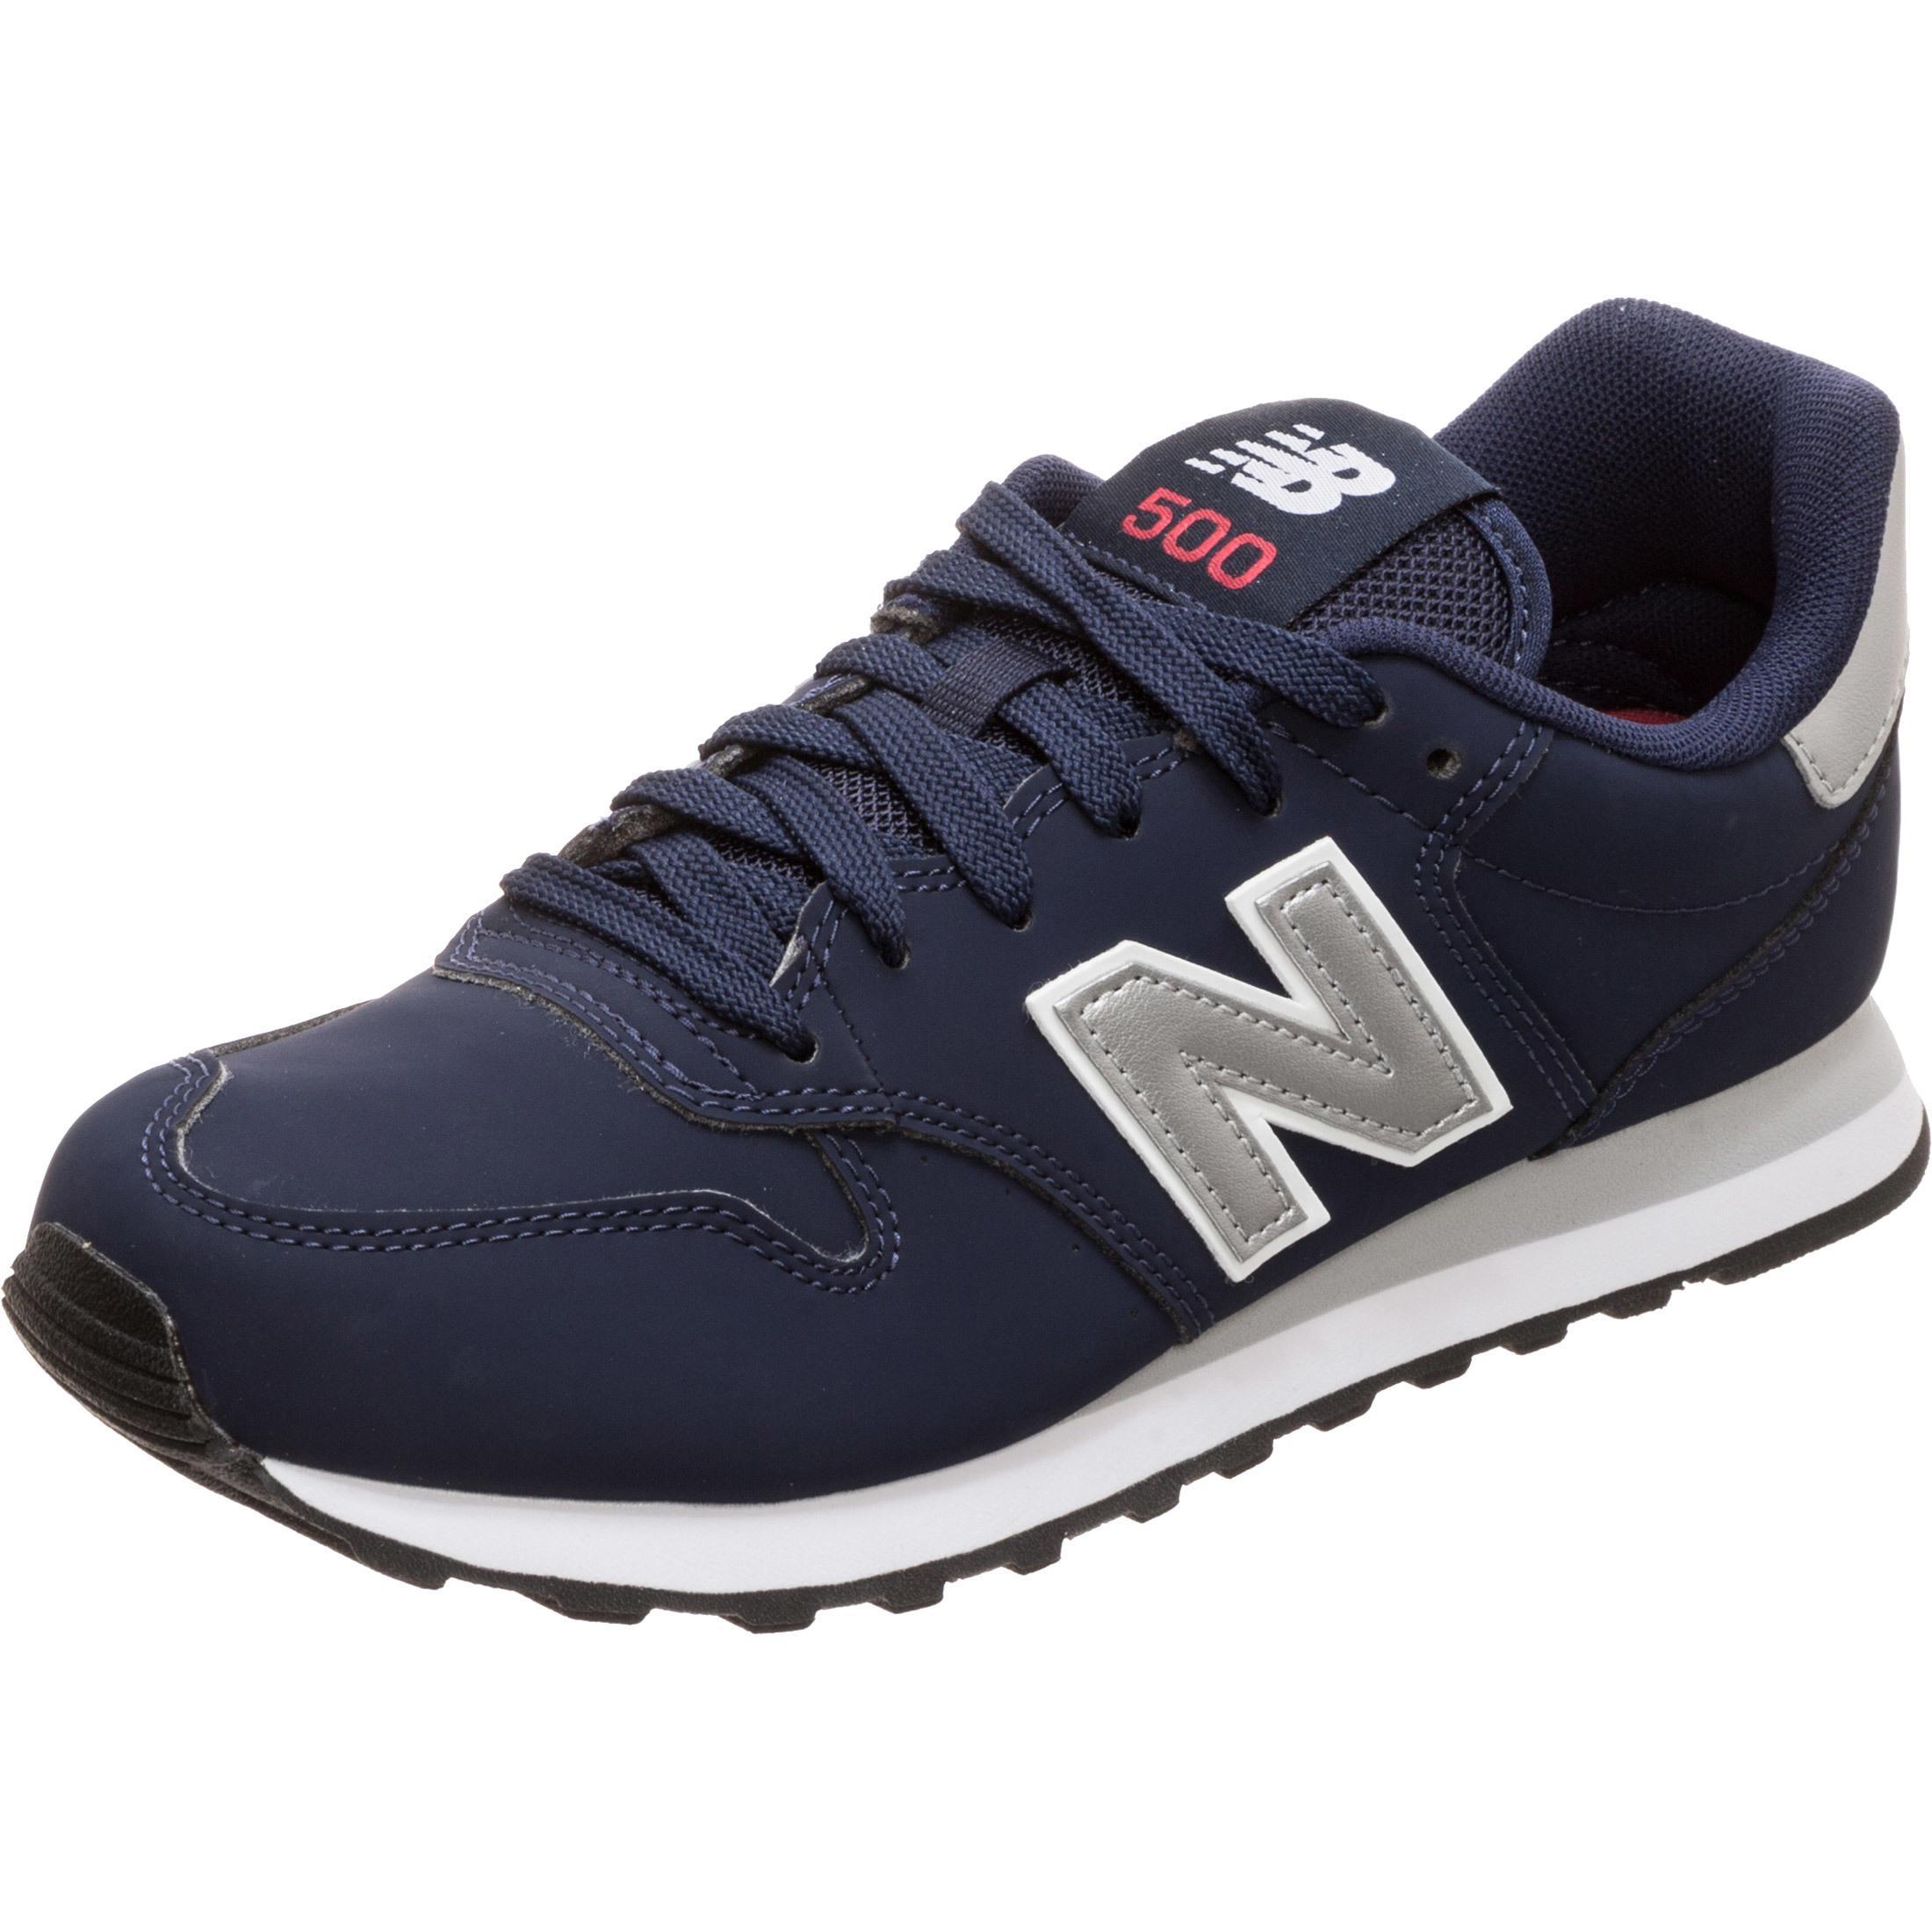 New Balance Gw500 Nbp B Sneaker Damen Blau Pink Im Online Shop